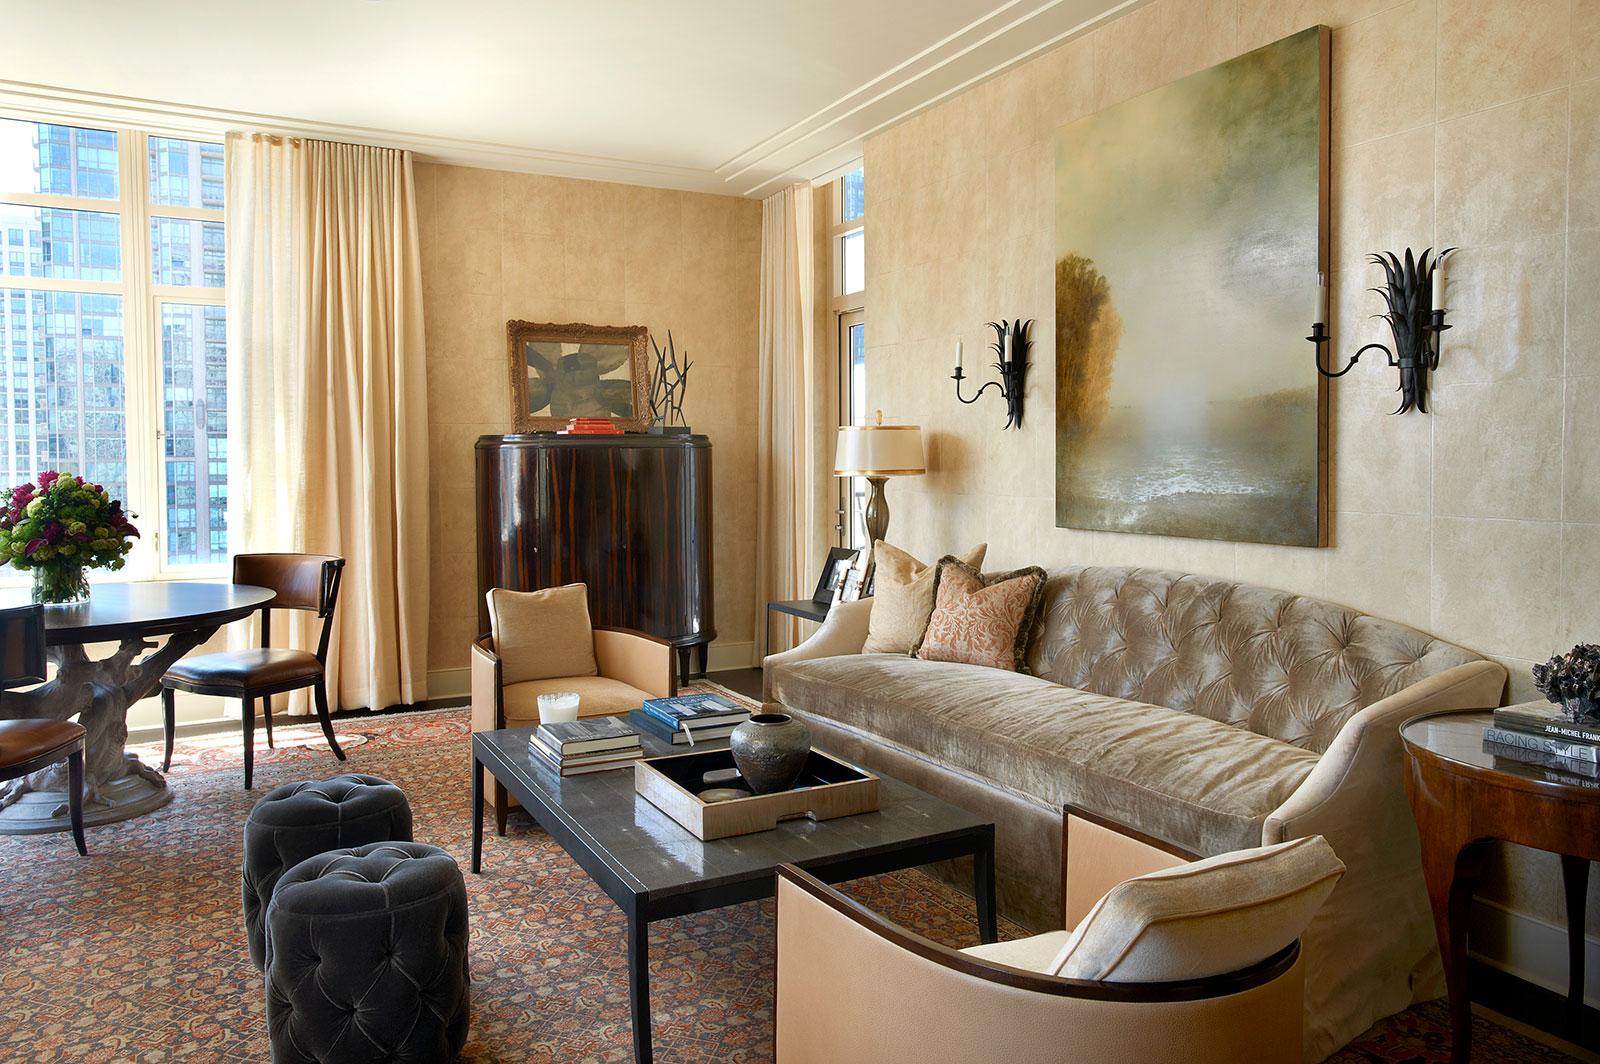 Chicago interior design ahmadi faqih - Interior design companies chicago ...